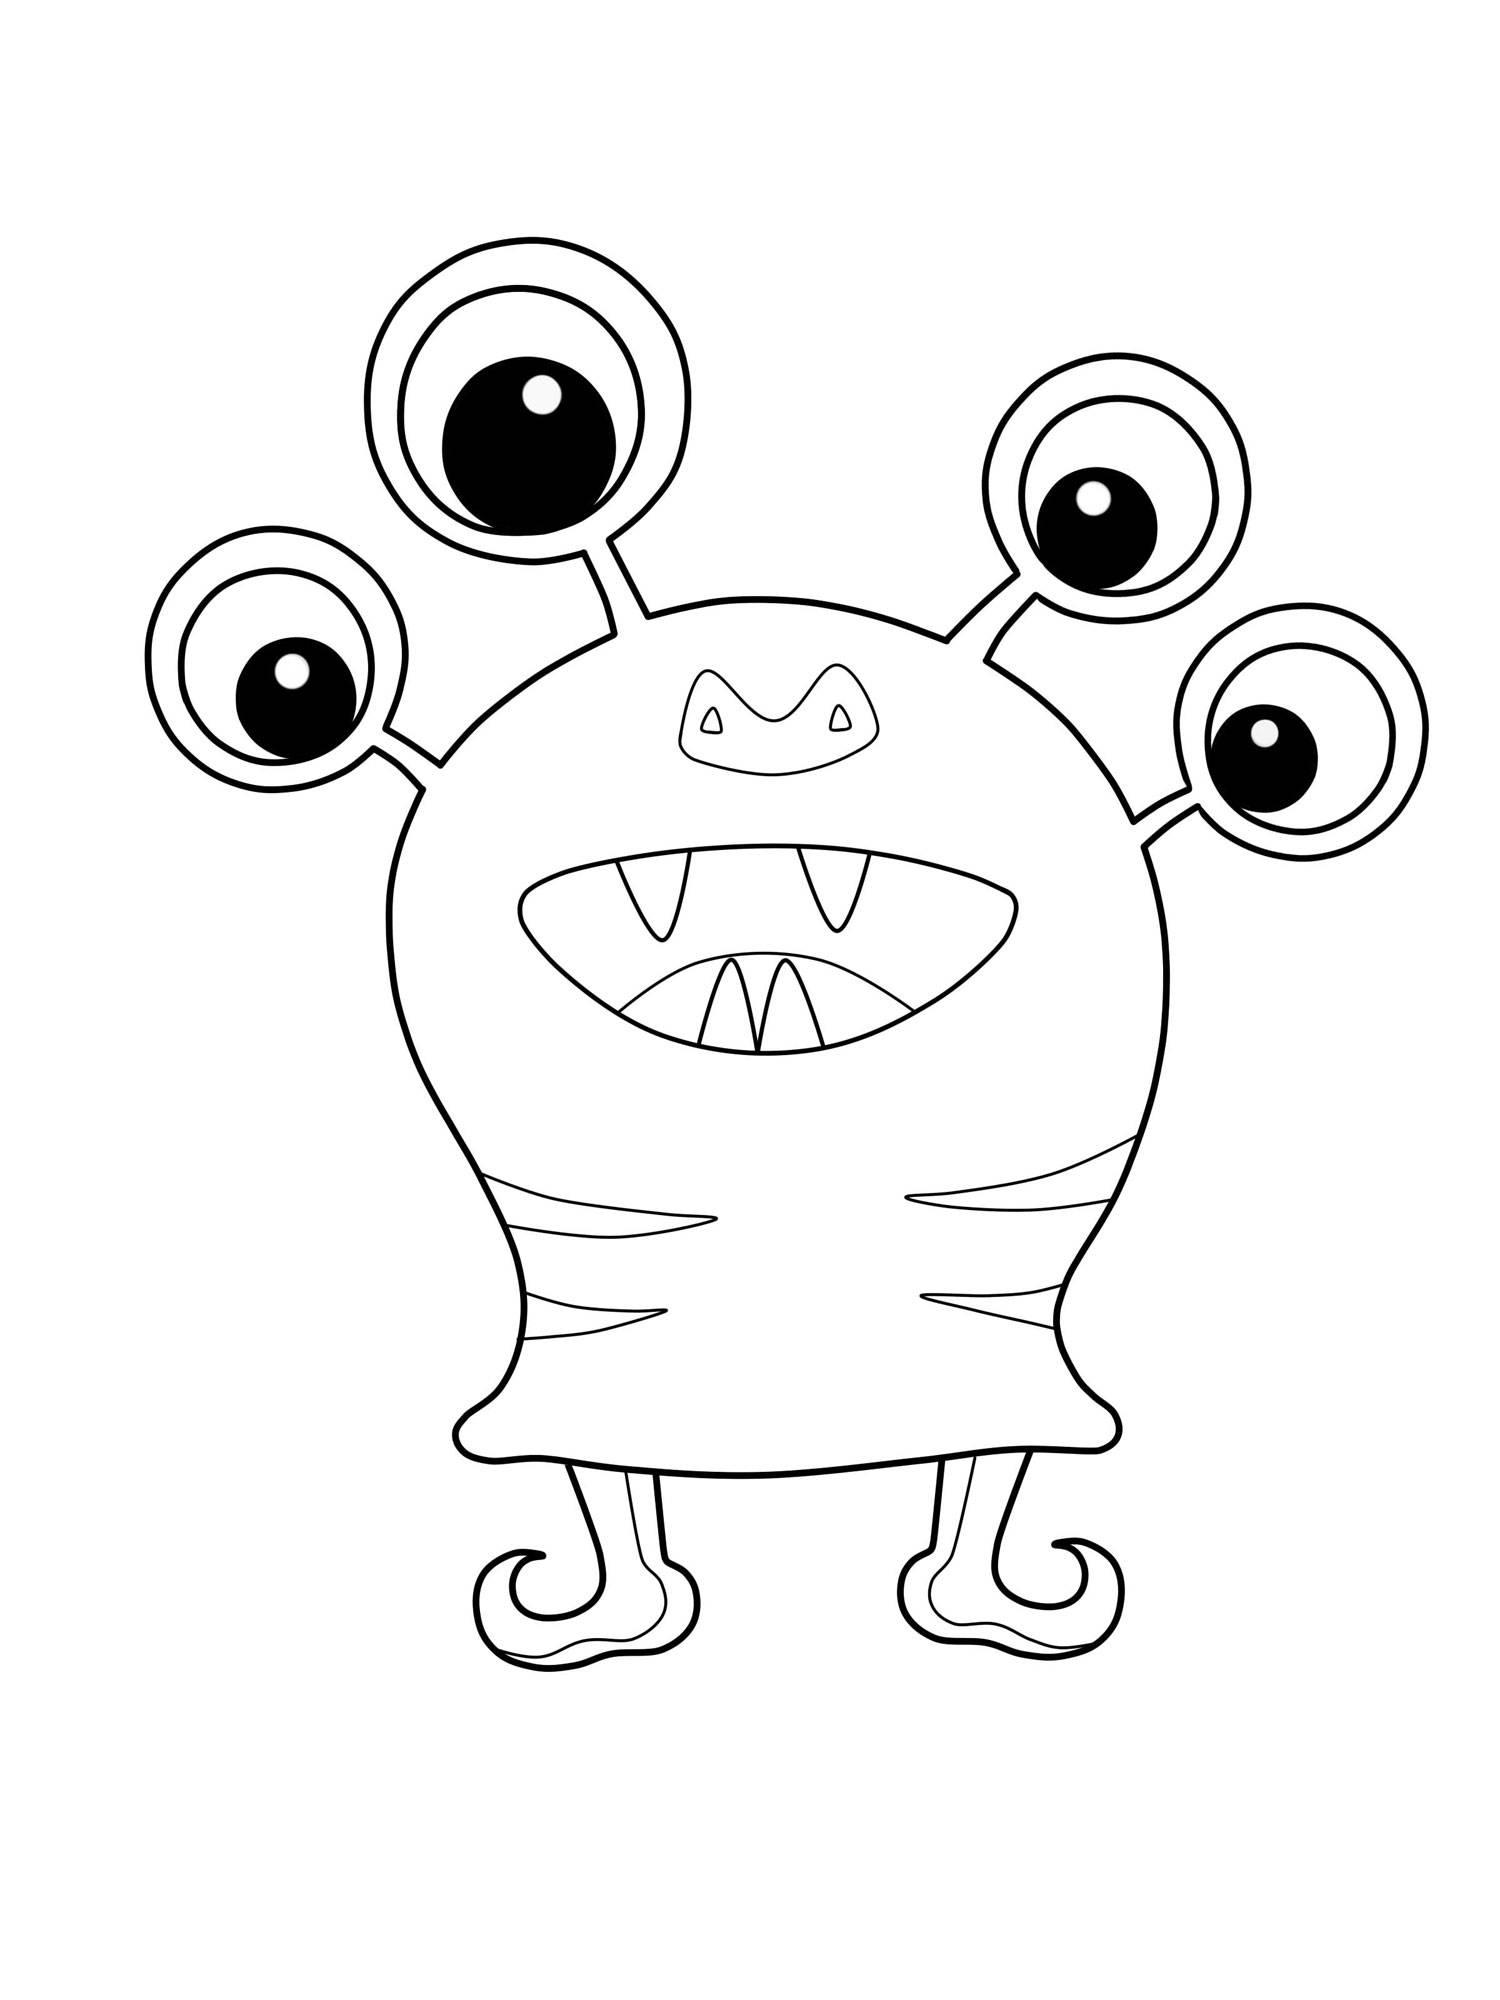 Malvorlagen Monster Zum Ausdrucken My Blog